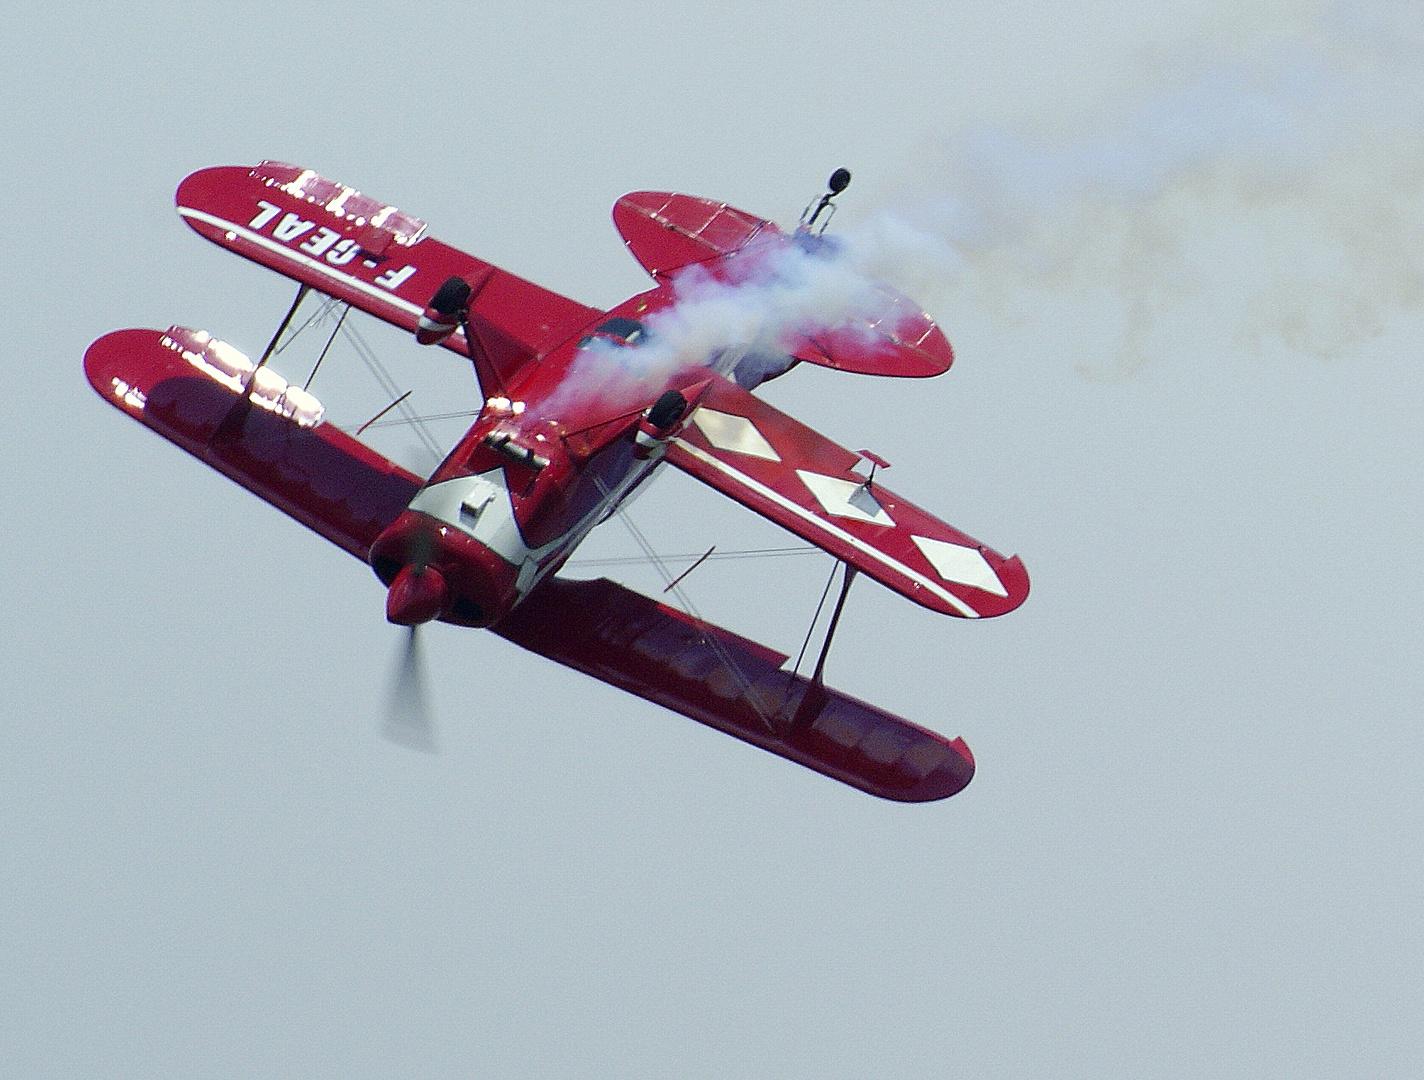 le Pitts, l'avion acrobate